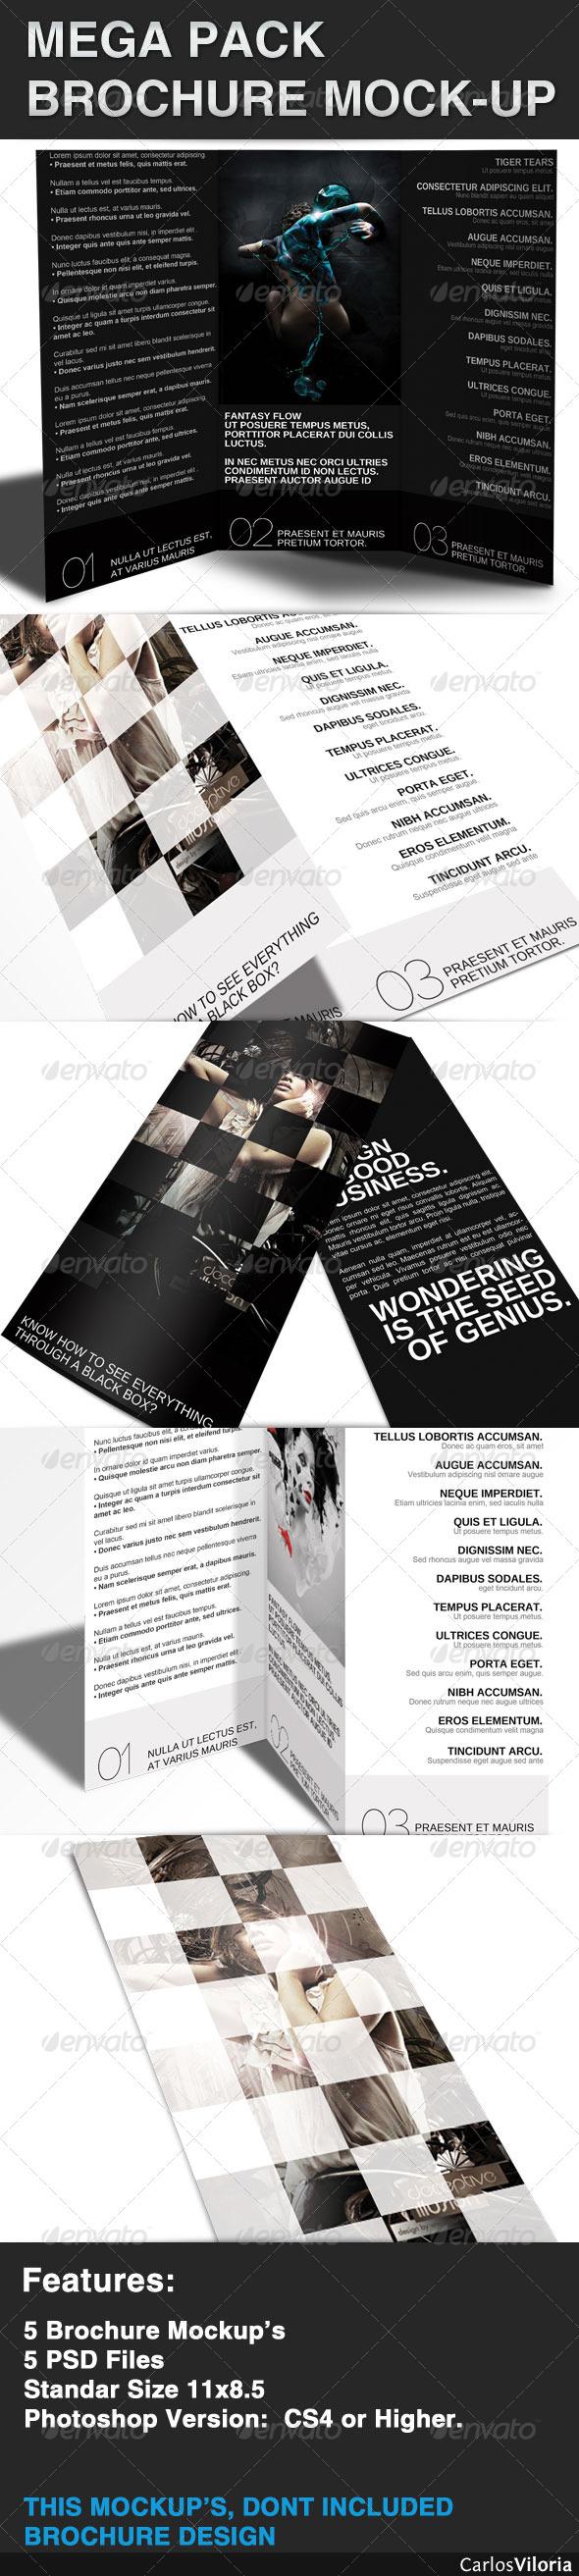 GraphicRiver Mega pack Brochure Mock-Up 42685